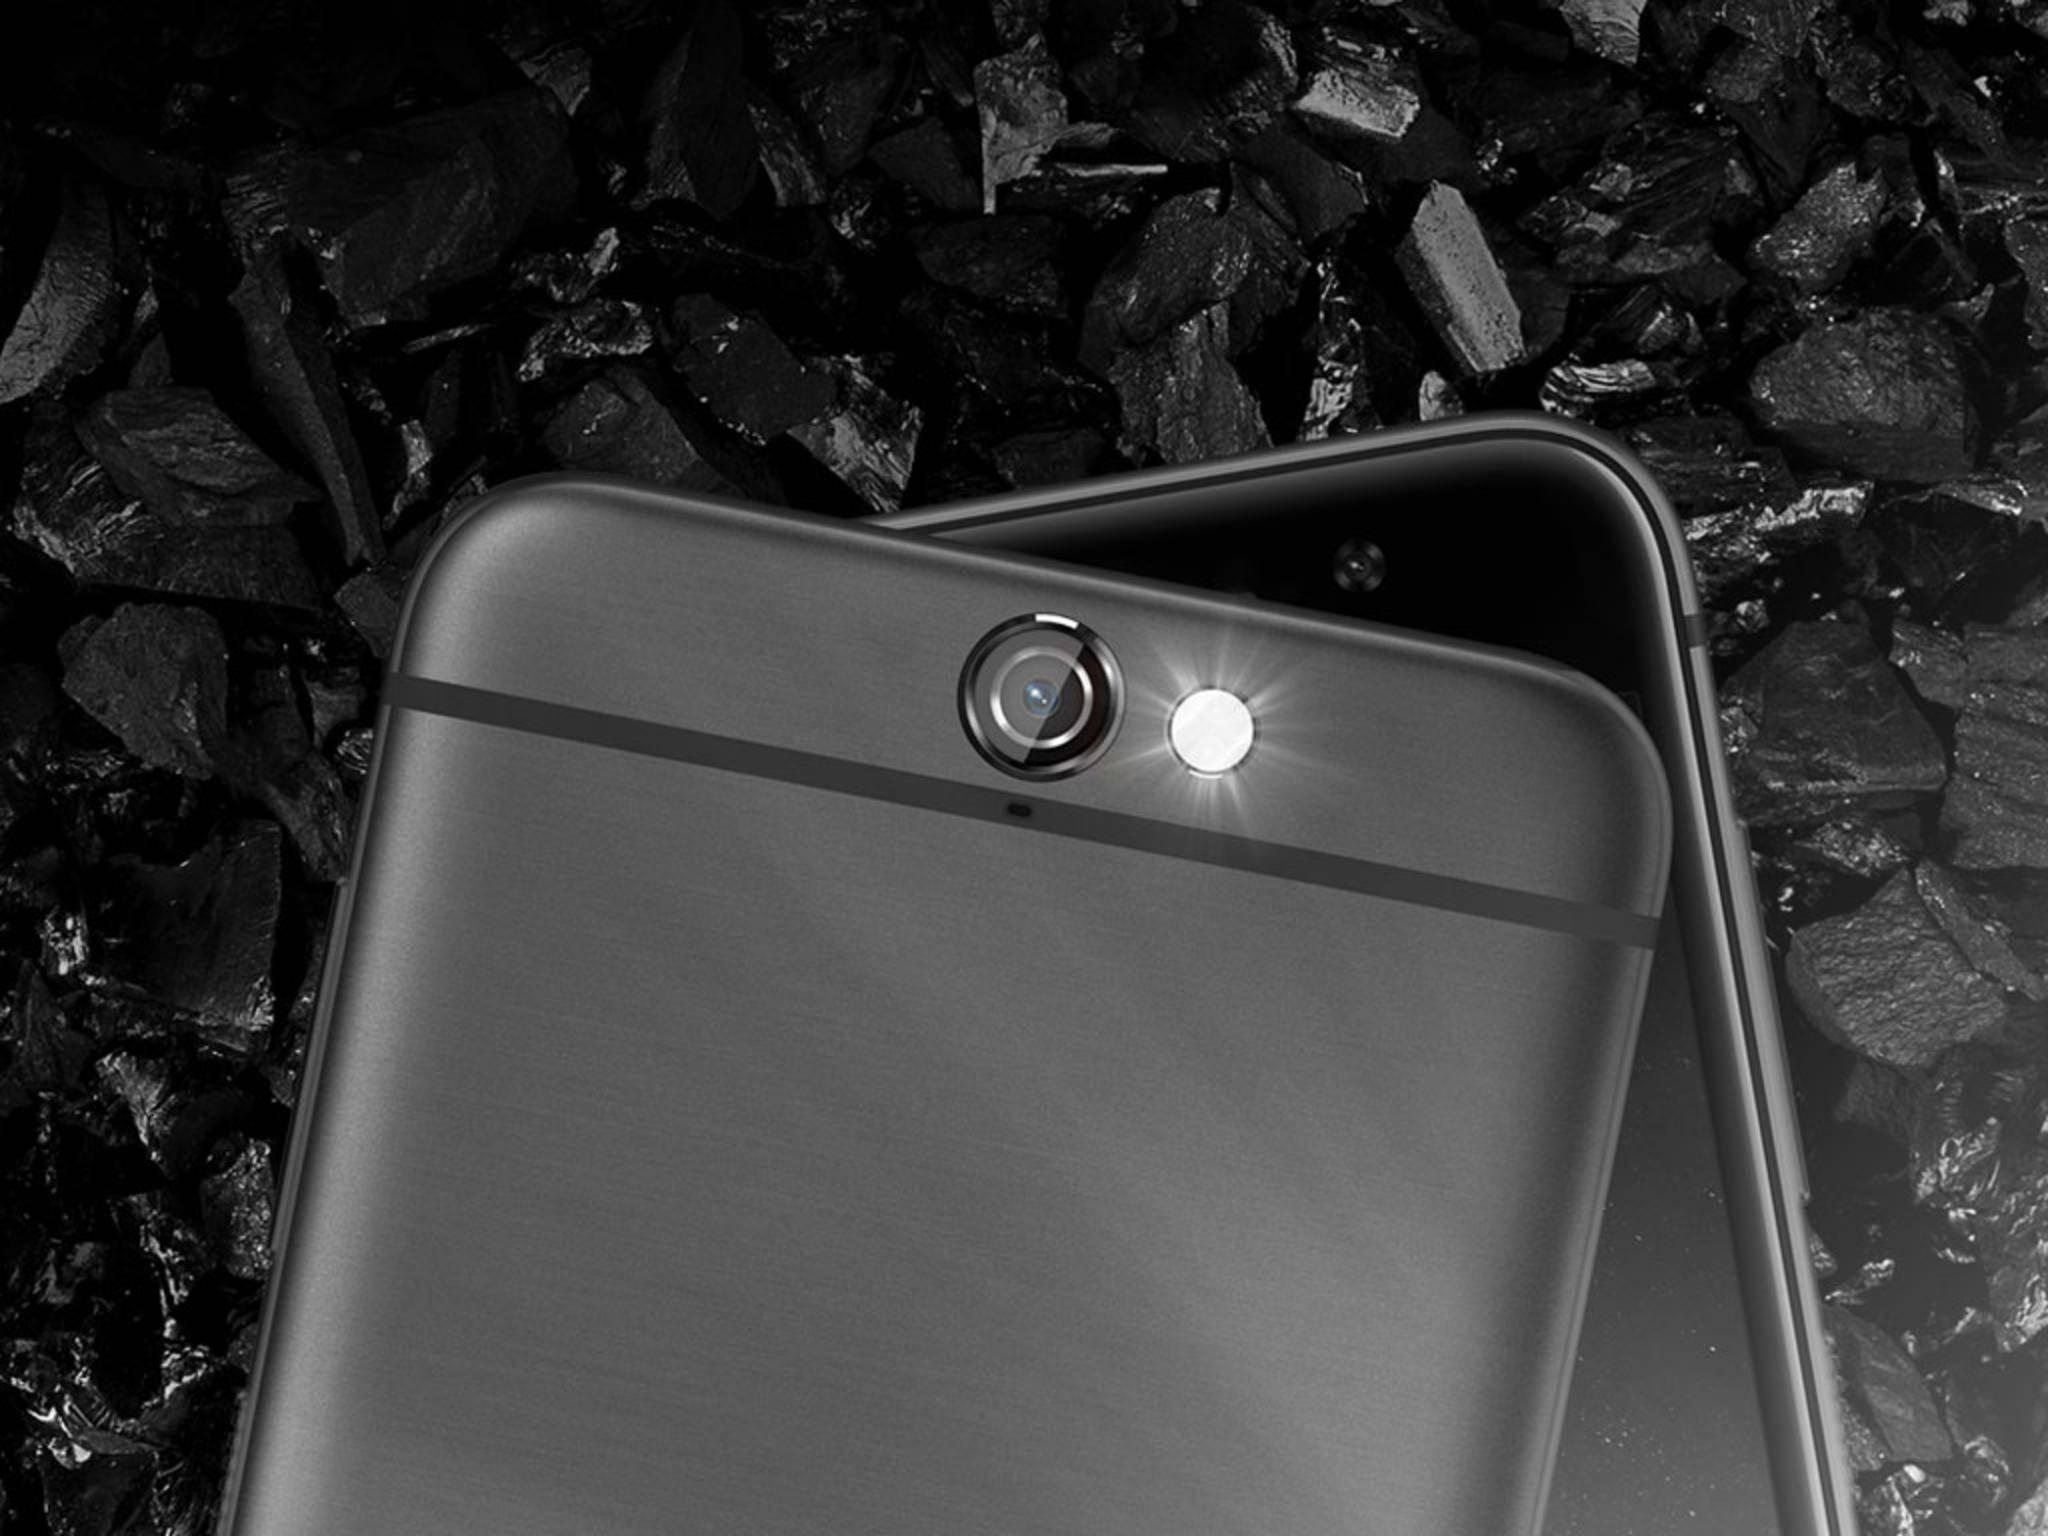 Das HTC One X9 könnte das HTC One A9 leistungsmäßig deutlich übertrumpfen.